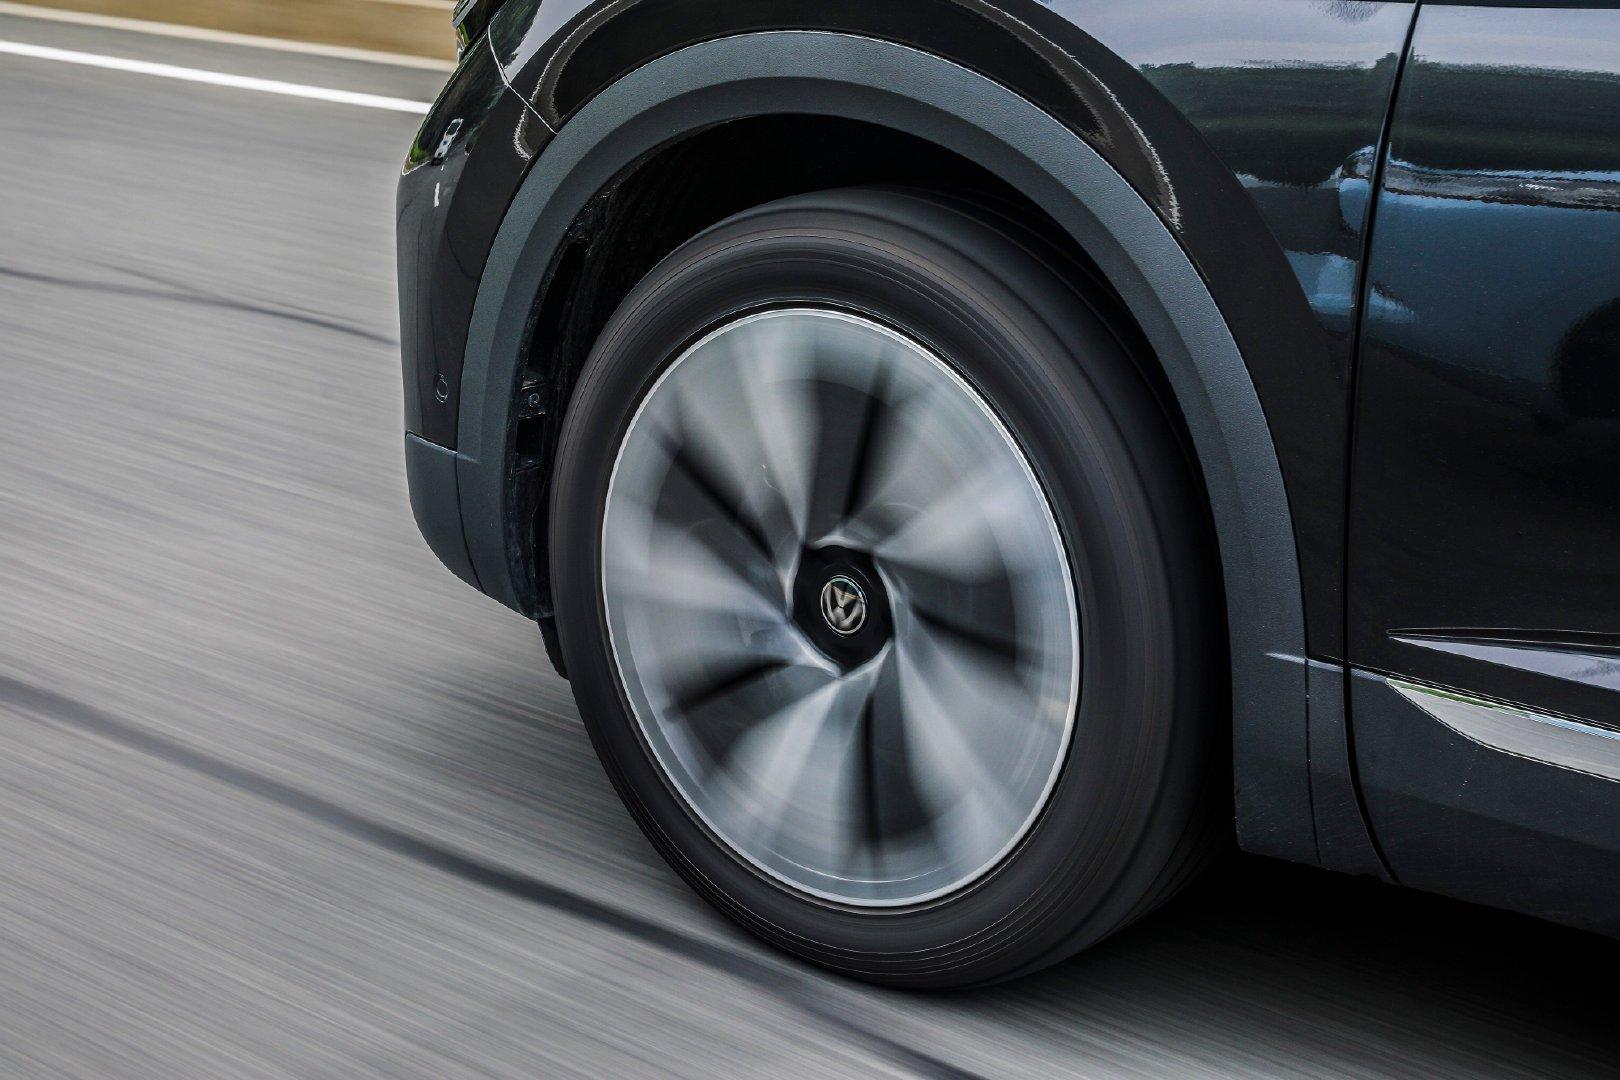 宽超2米,高速稳过宝马X5,噪音接近0,29.99万起,关键大品牌